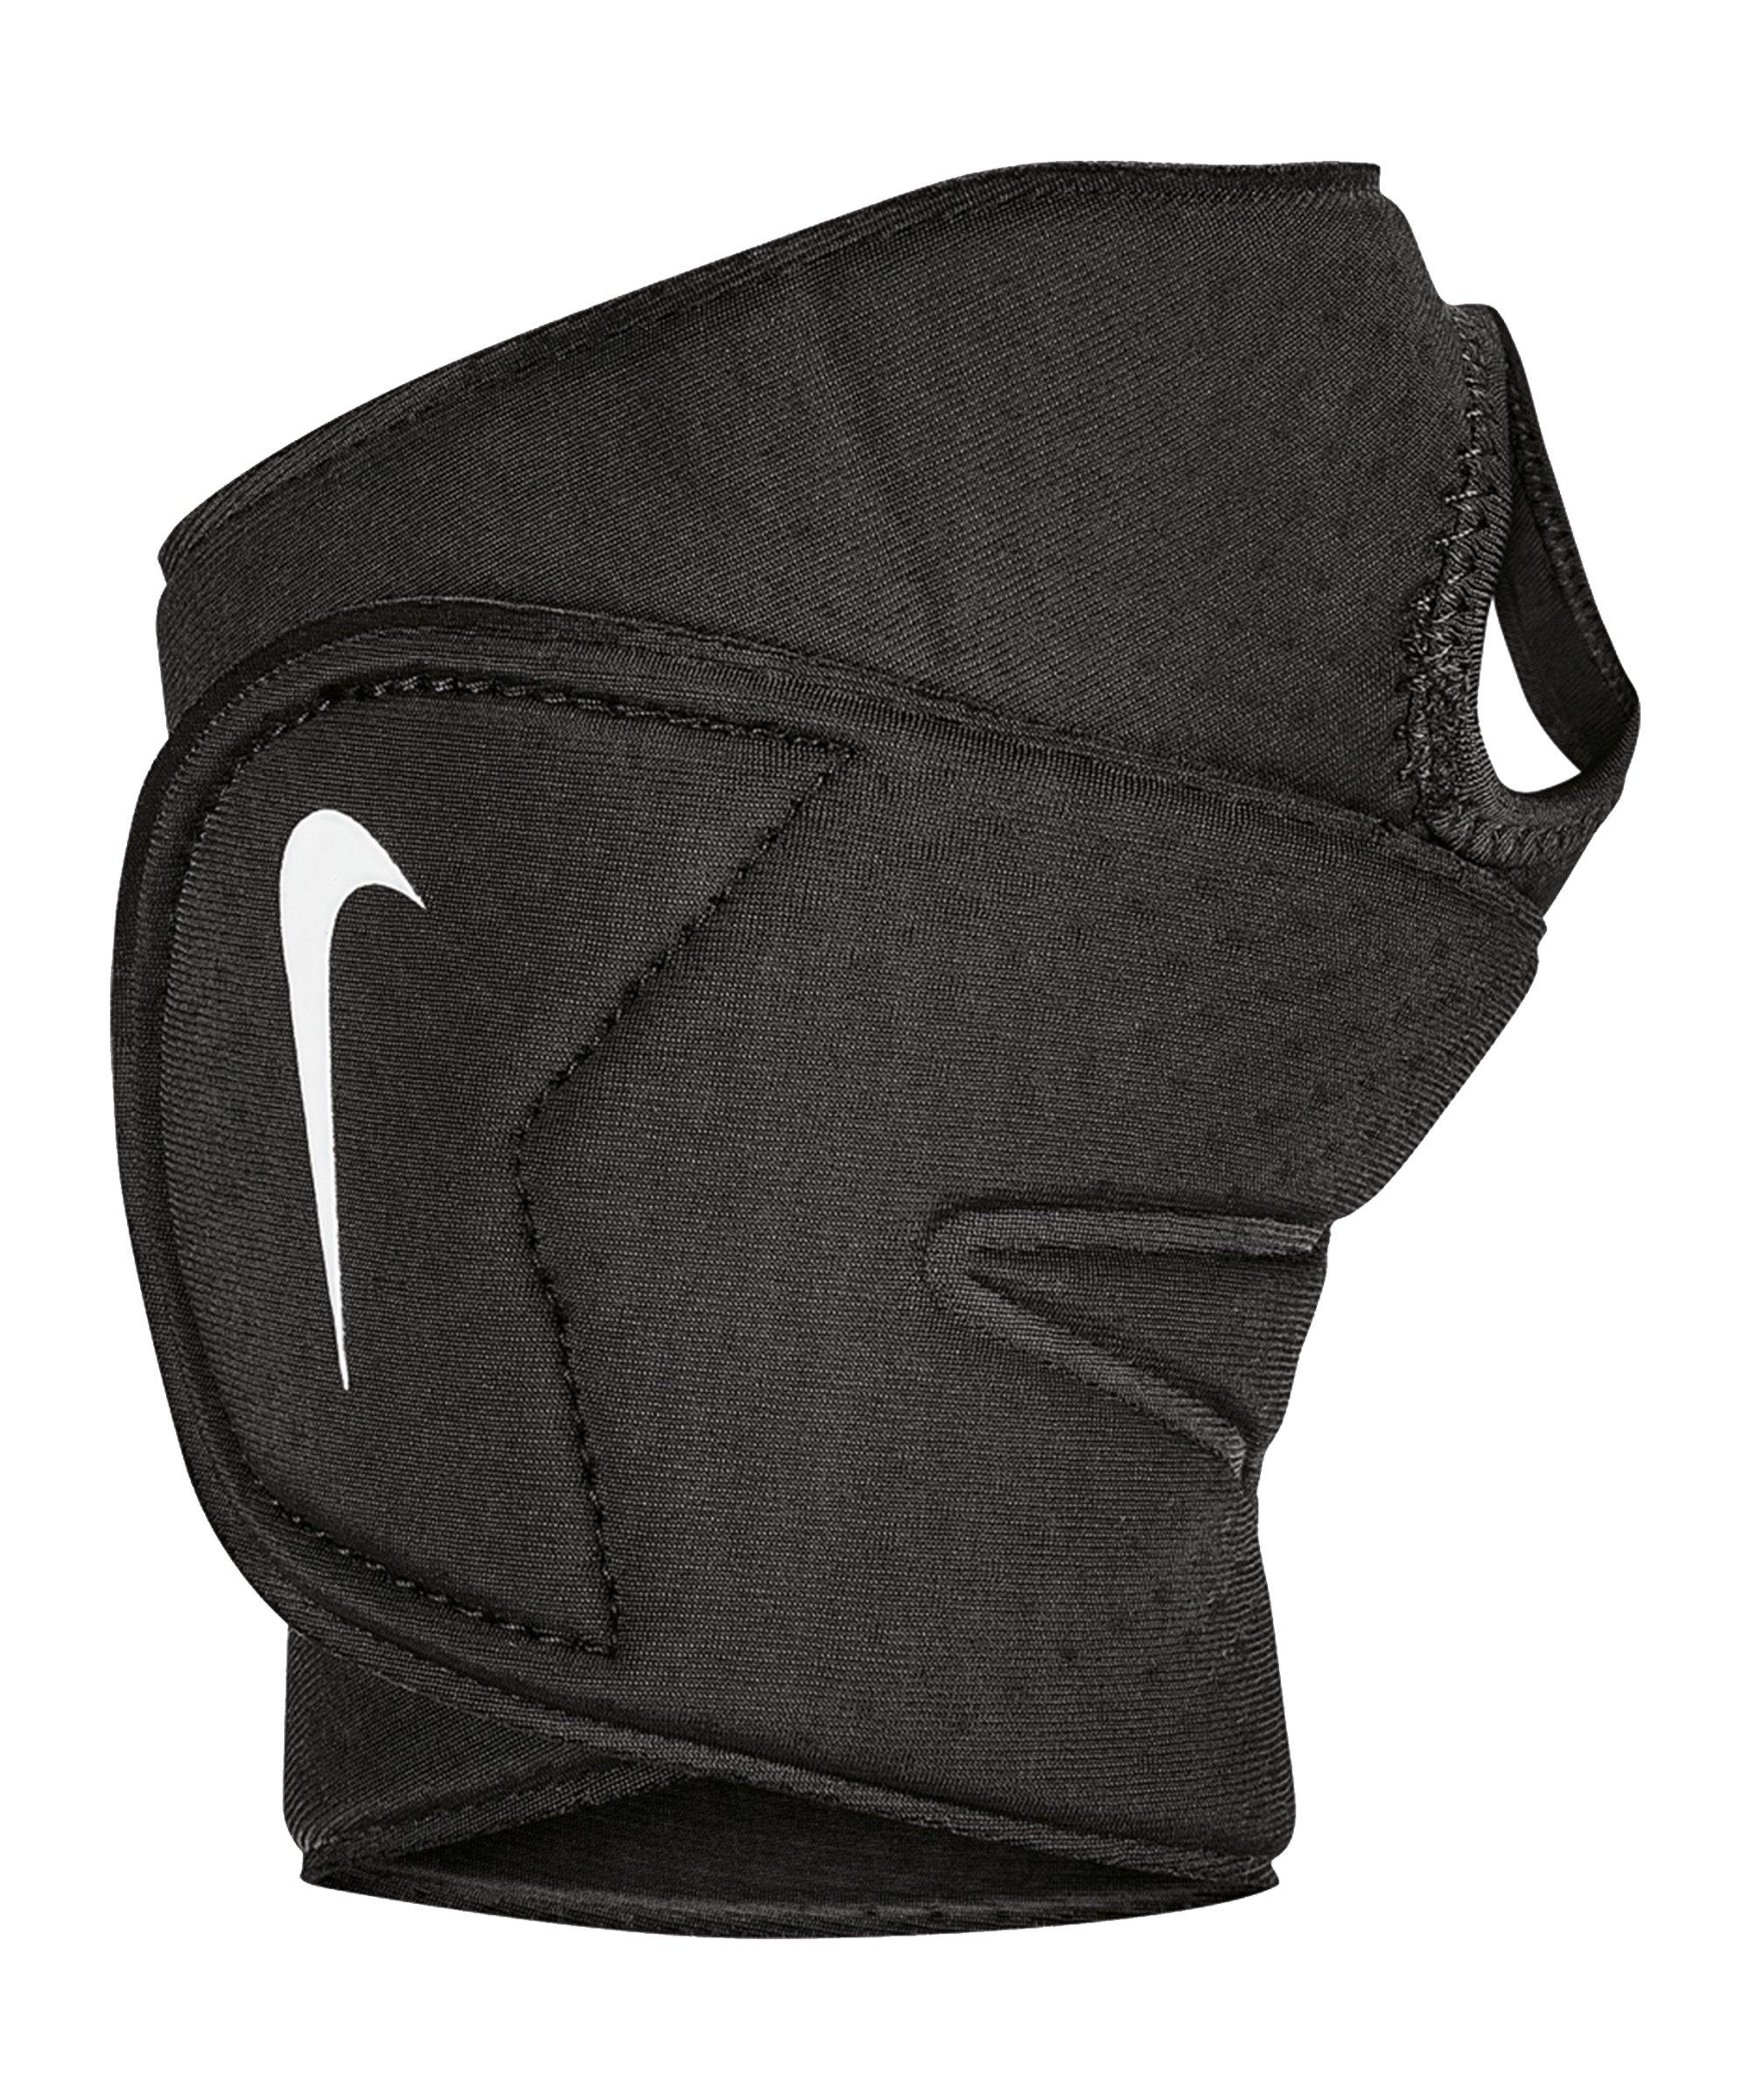 Nike Pro Wrist and Thumb Wrap 3.0 Schwarz F010 - schwarz